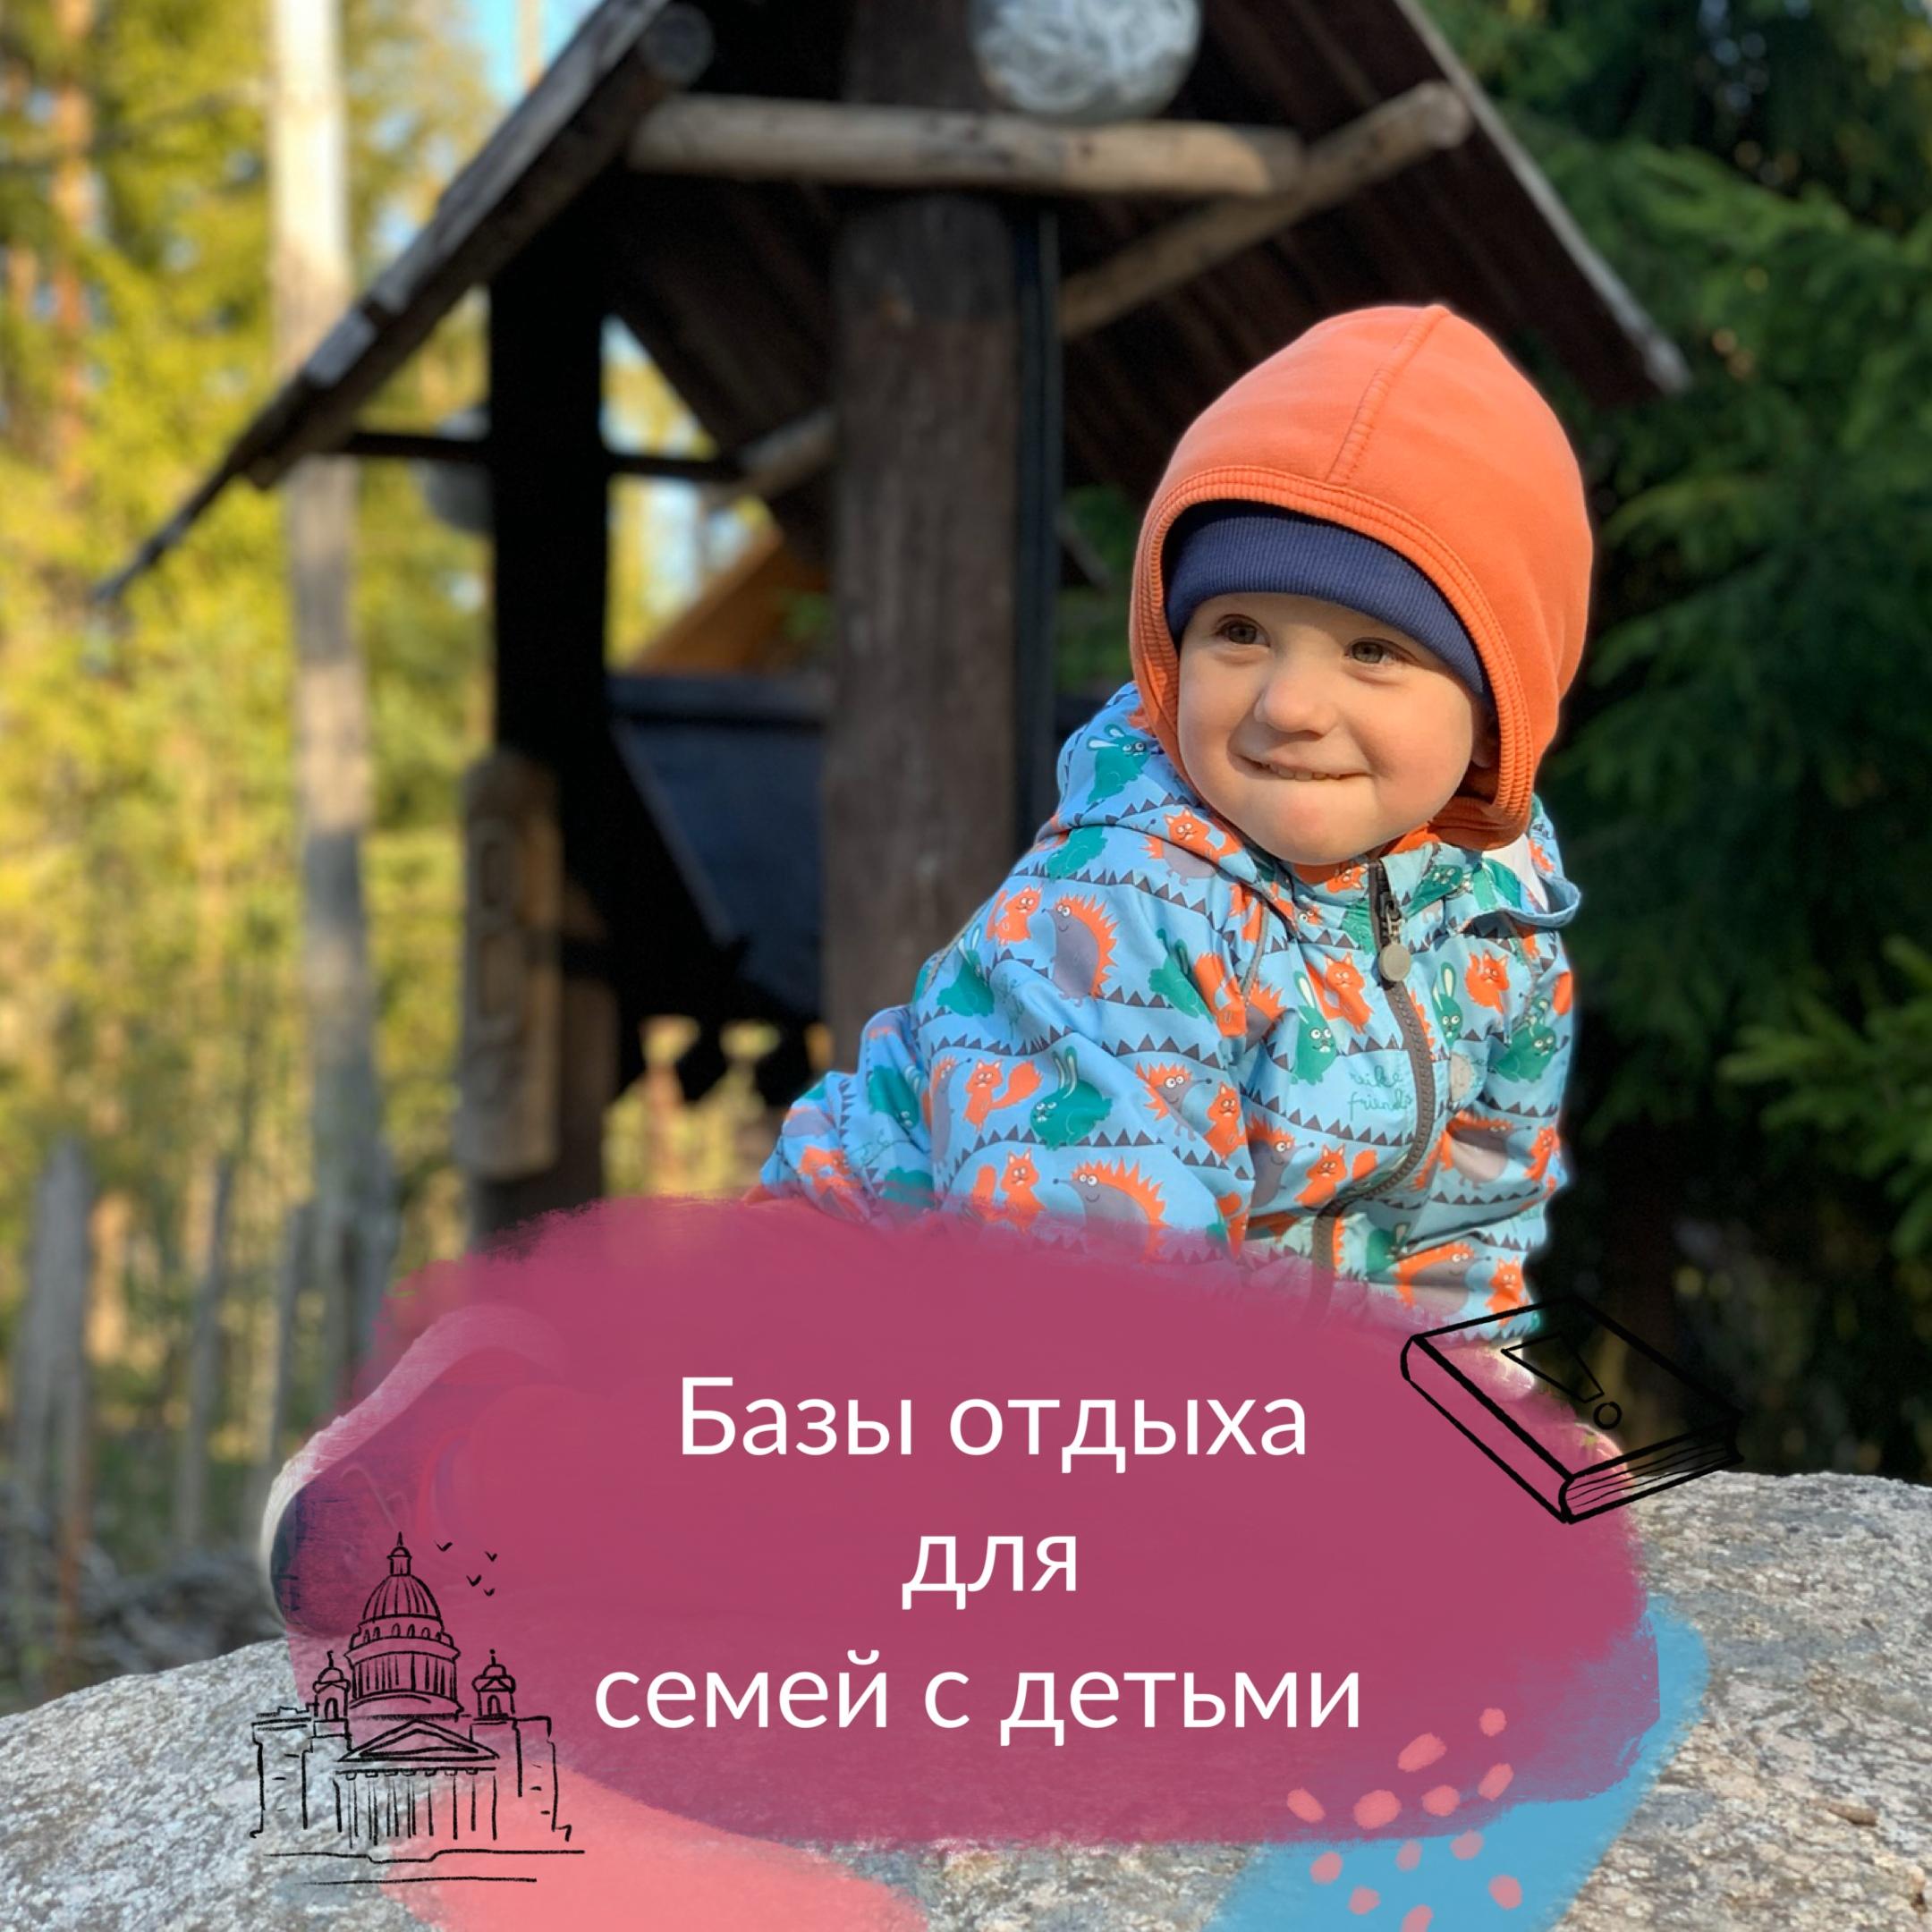 Базы отдыха Москвы для семей с детьми